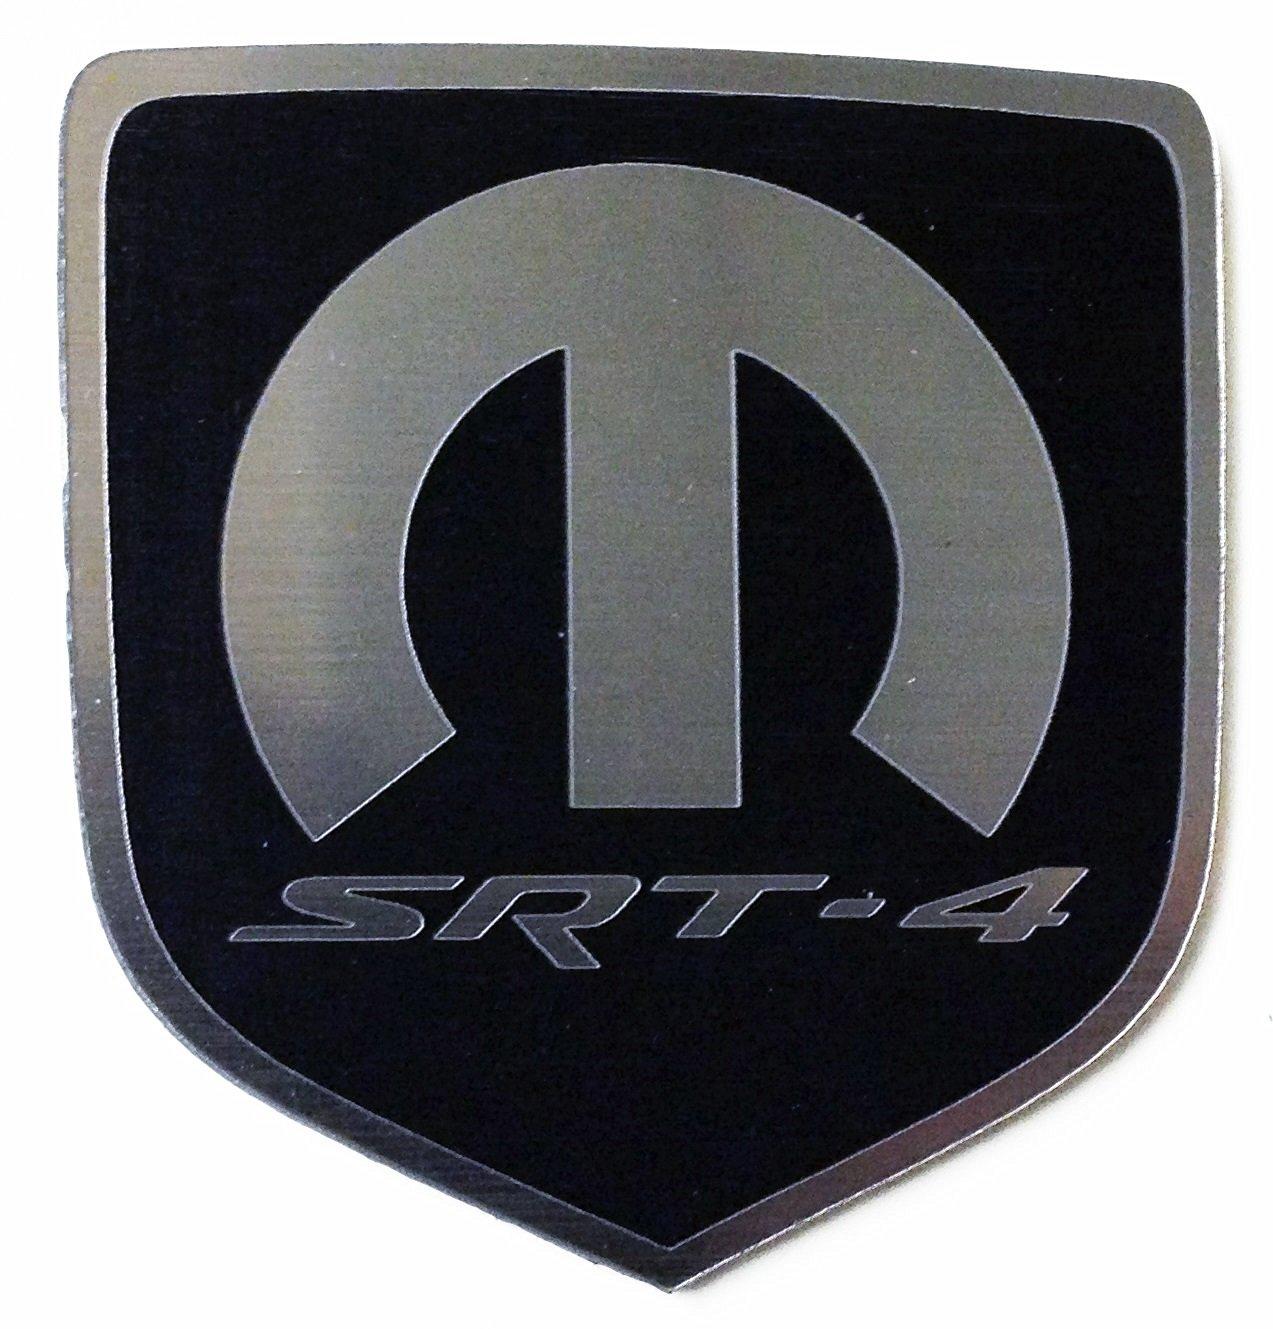 Dodge Caliber Srt4 Front Emblem Mopar Srt-4 Black